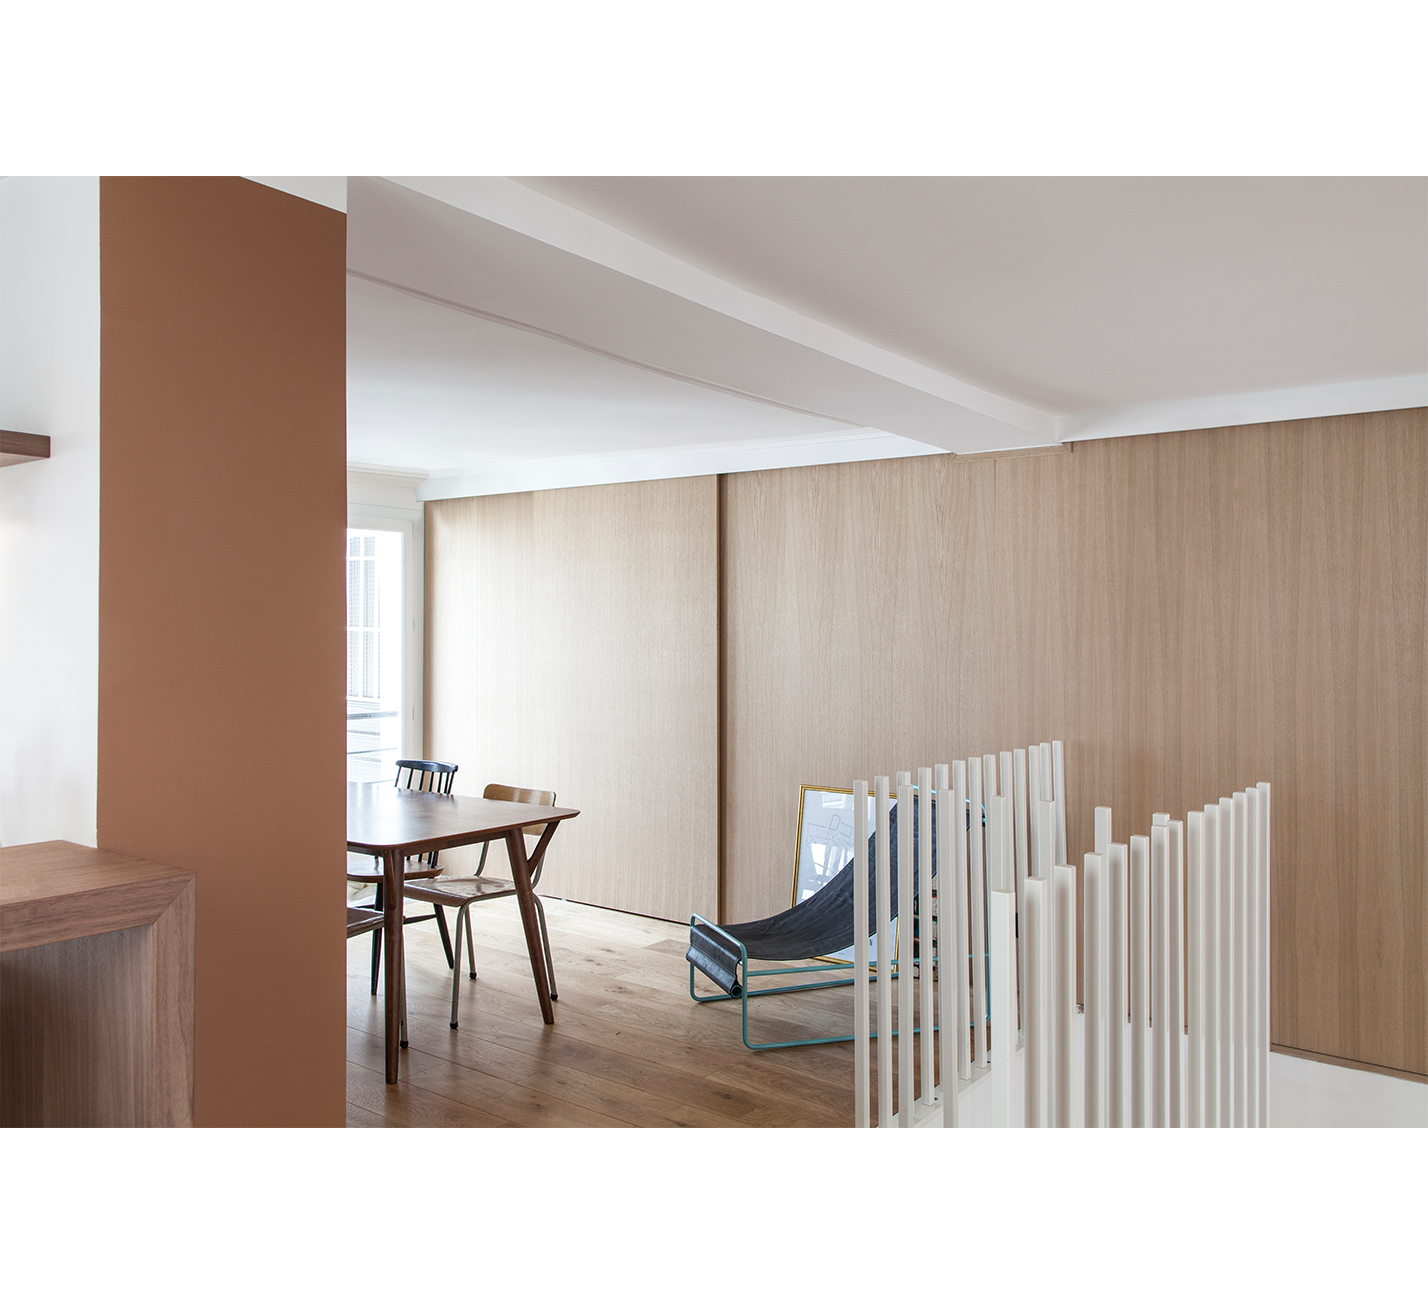 Projet-Pigalle-Atelier-Steve-Pauline-Borgia-Architecture-interieur-14